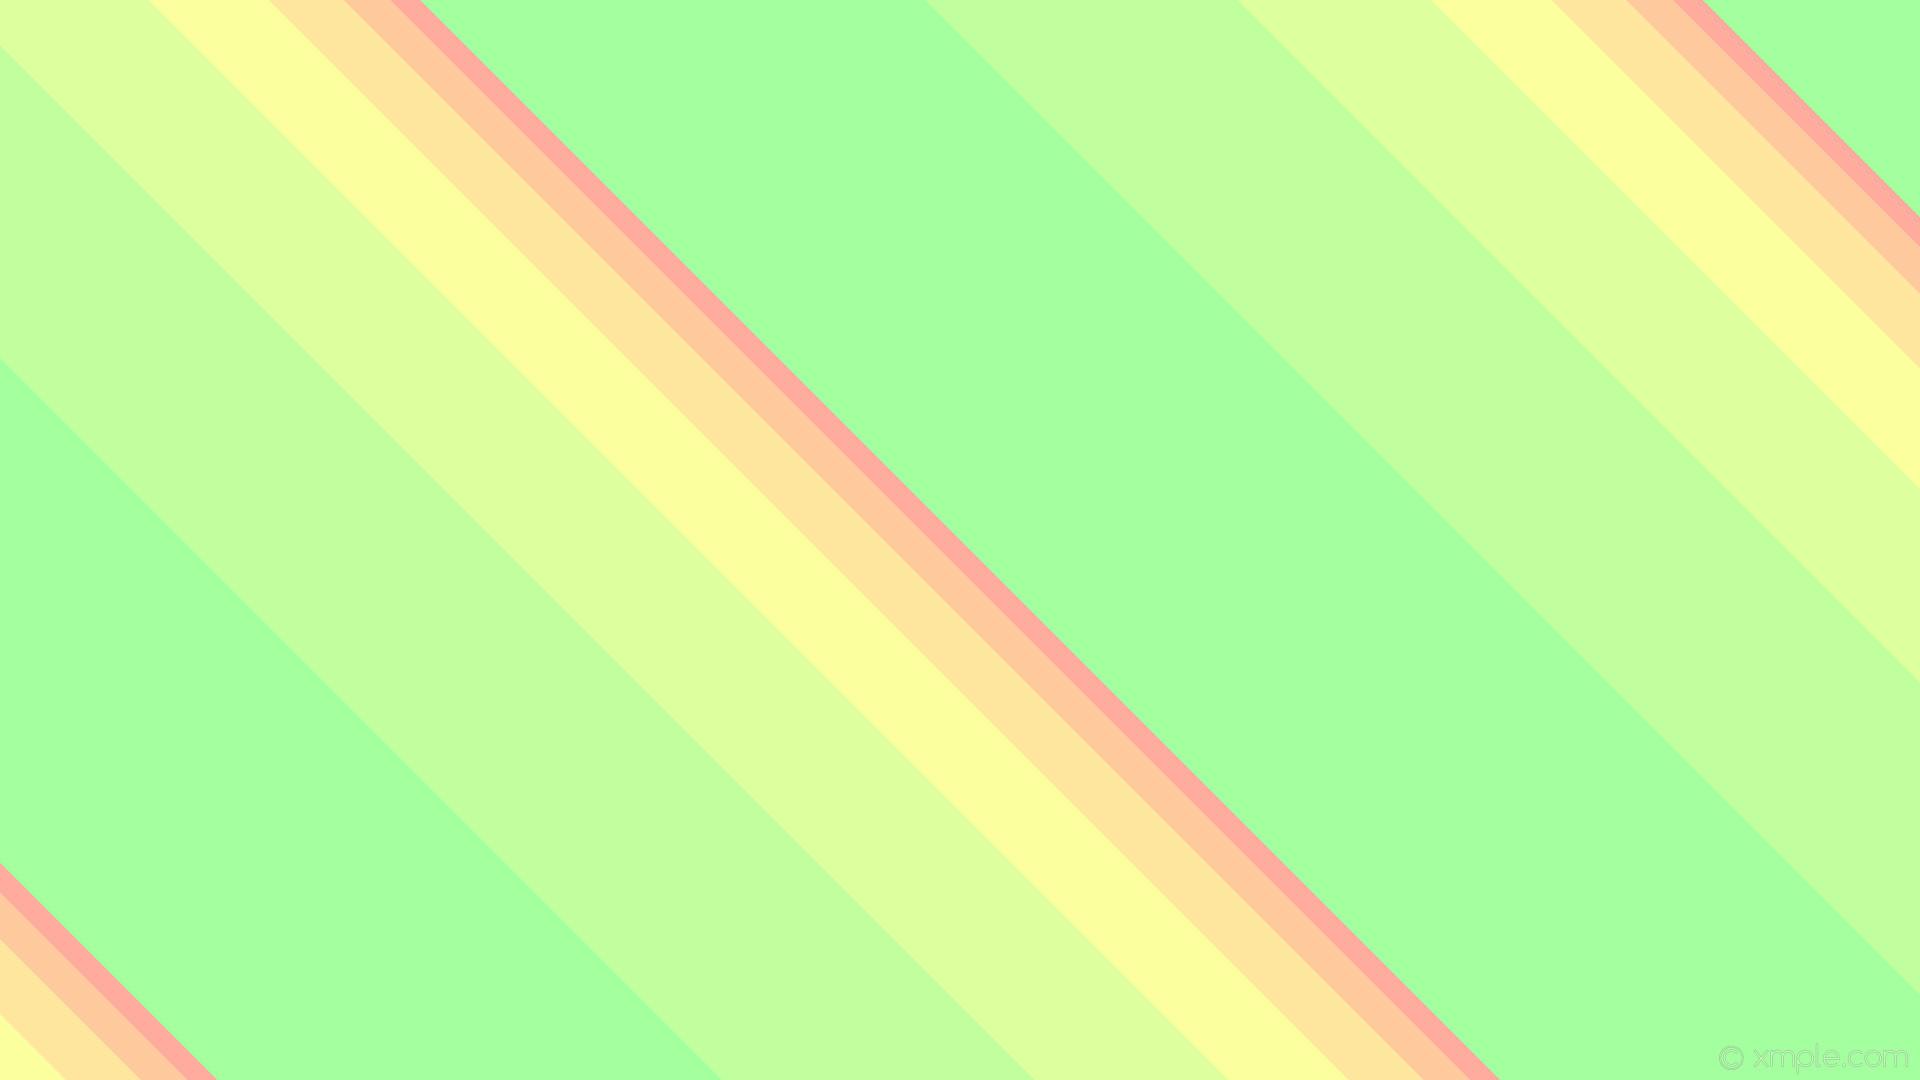 wallpaper stripes green orange red streaks yellow lines lime light red  light orange light yellow light